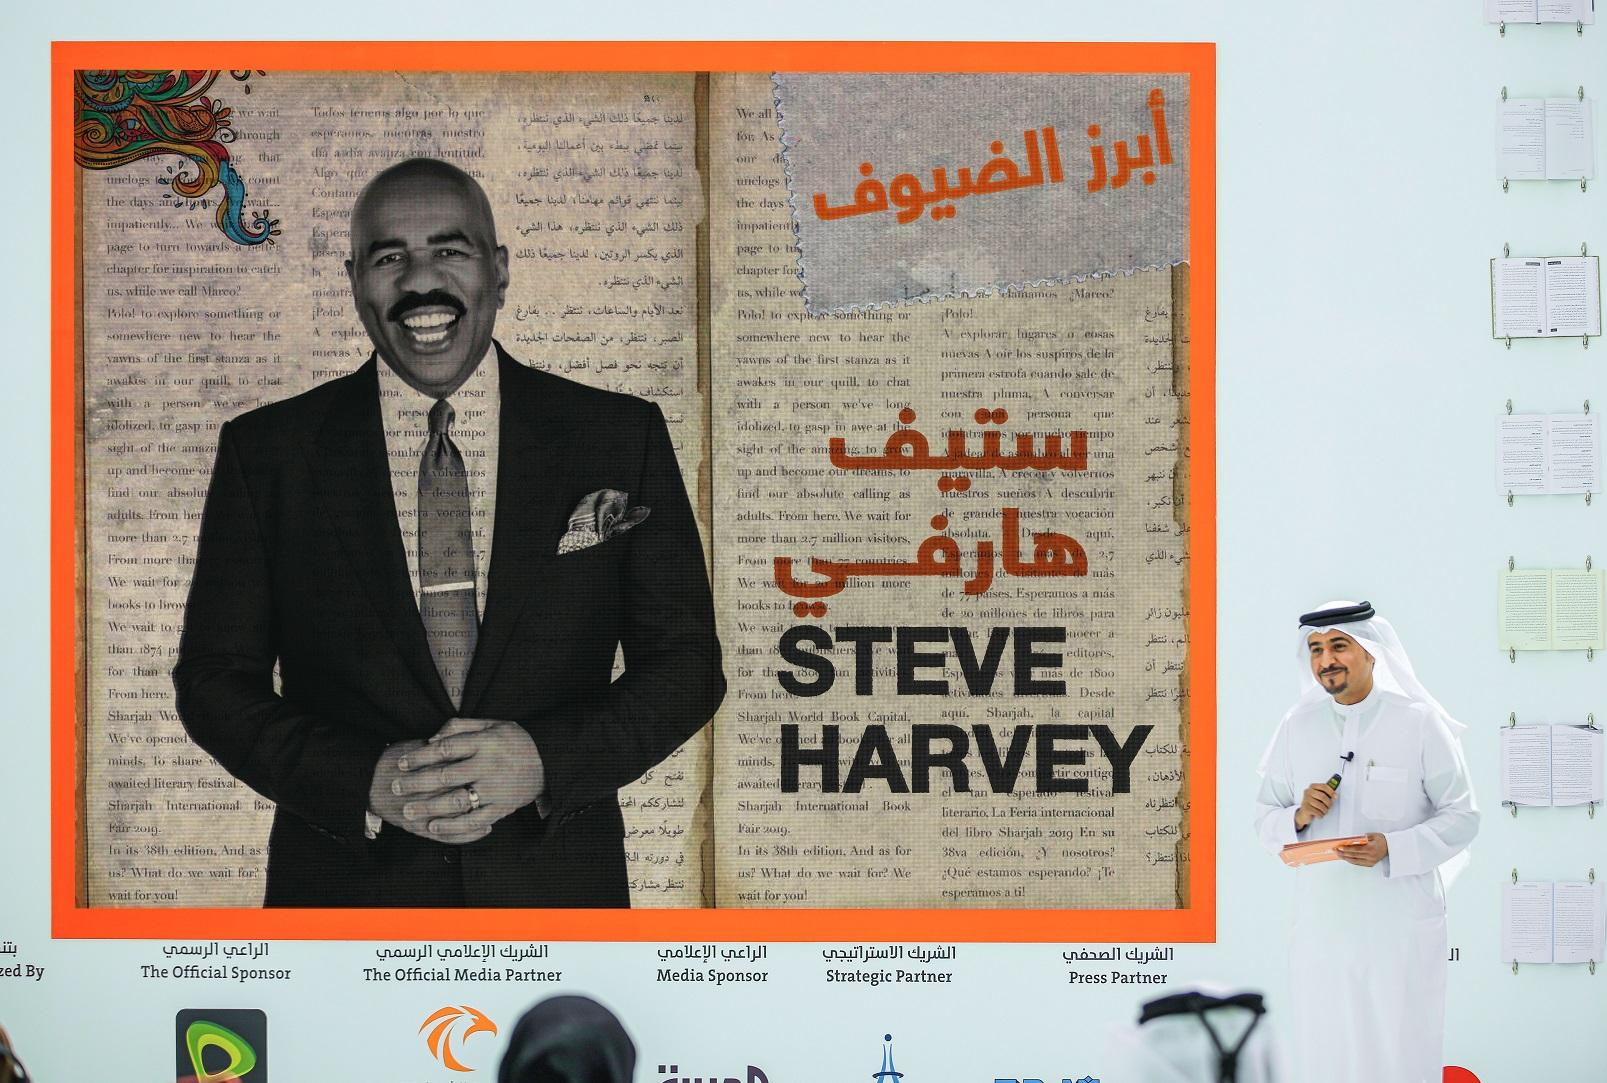 ستيف هارفى